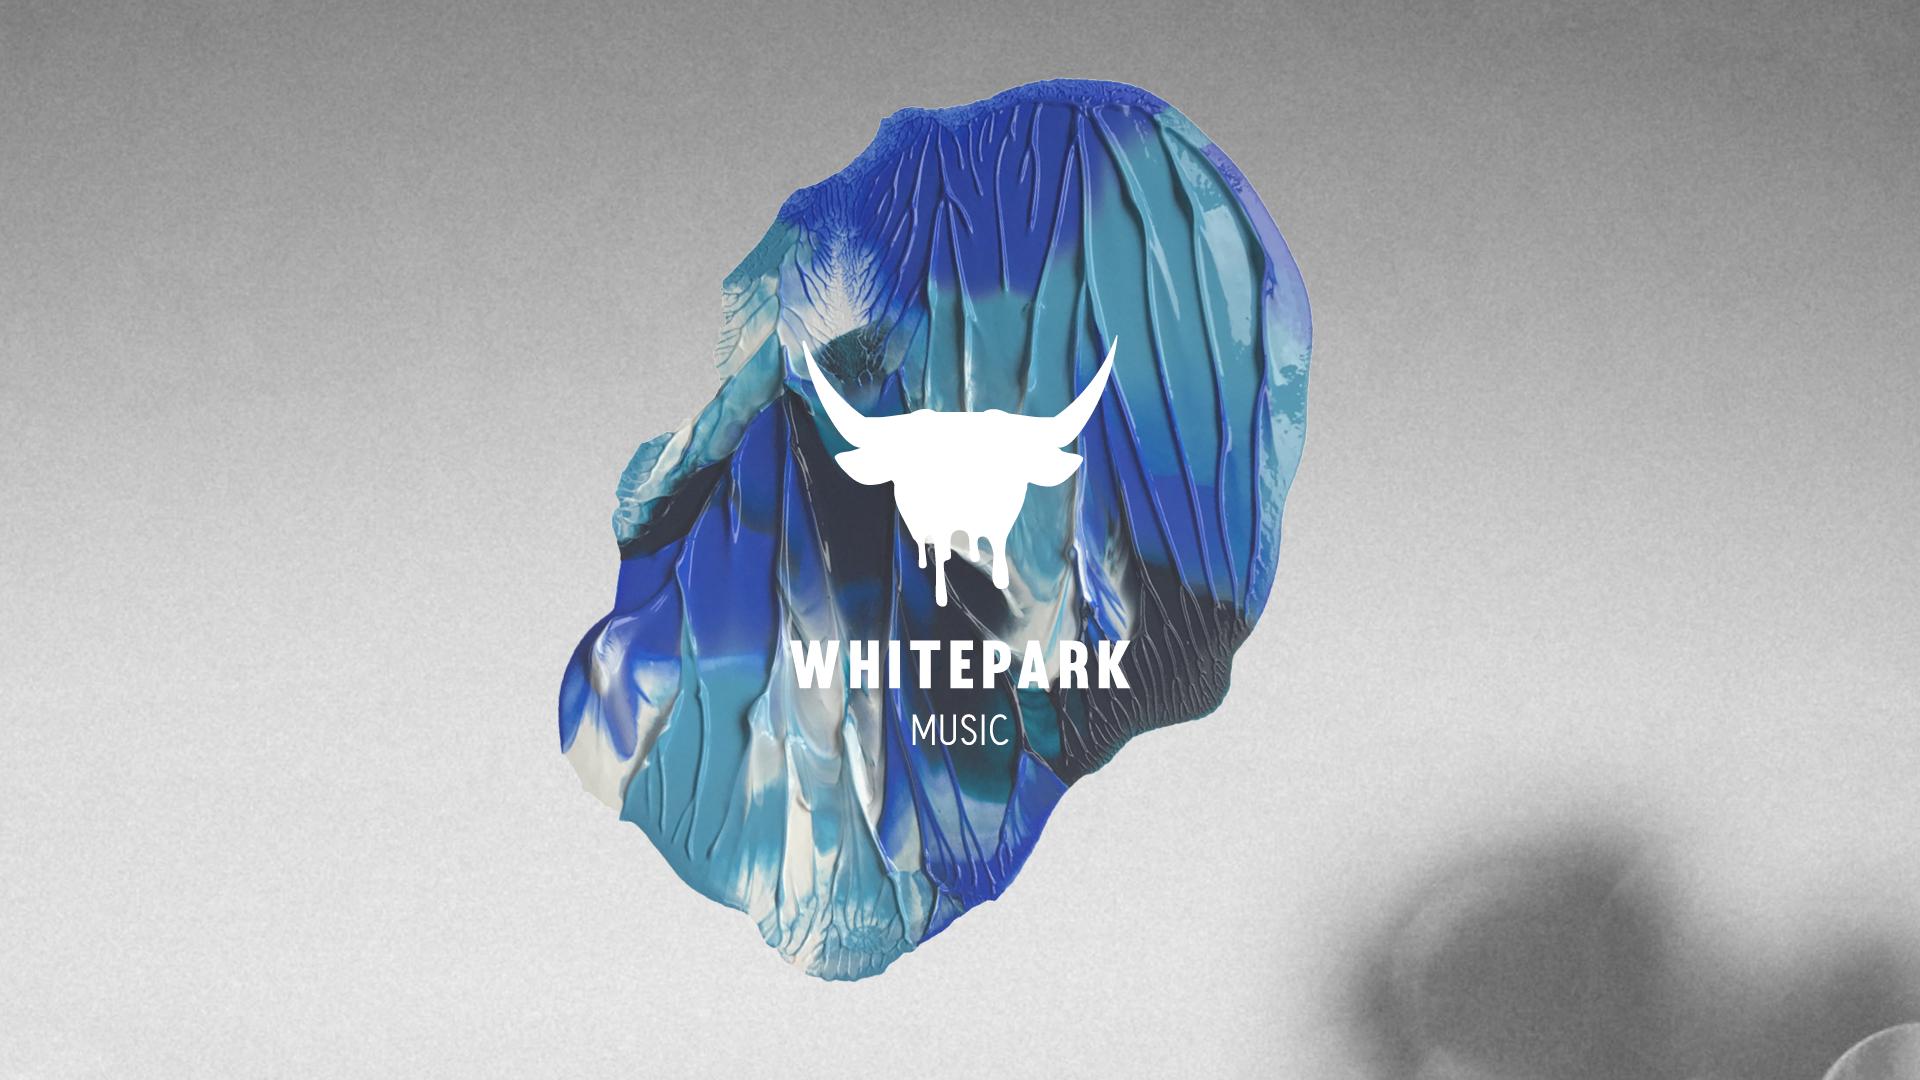 Whitepark_V2.png